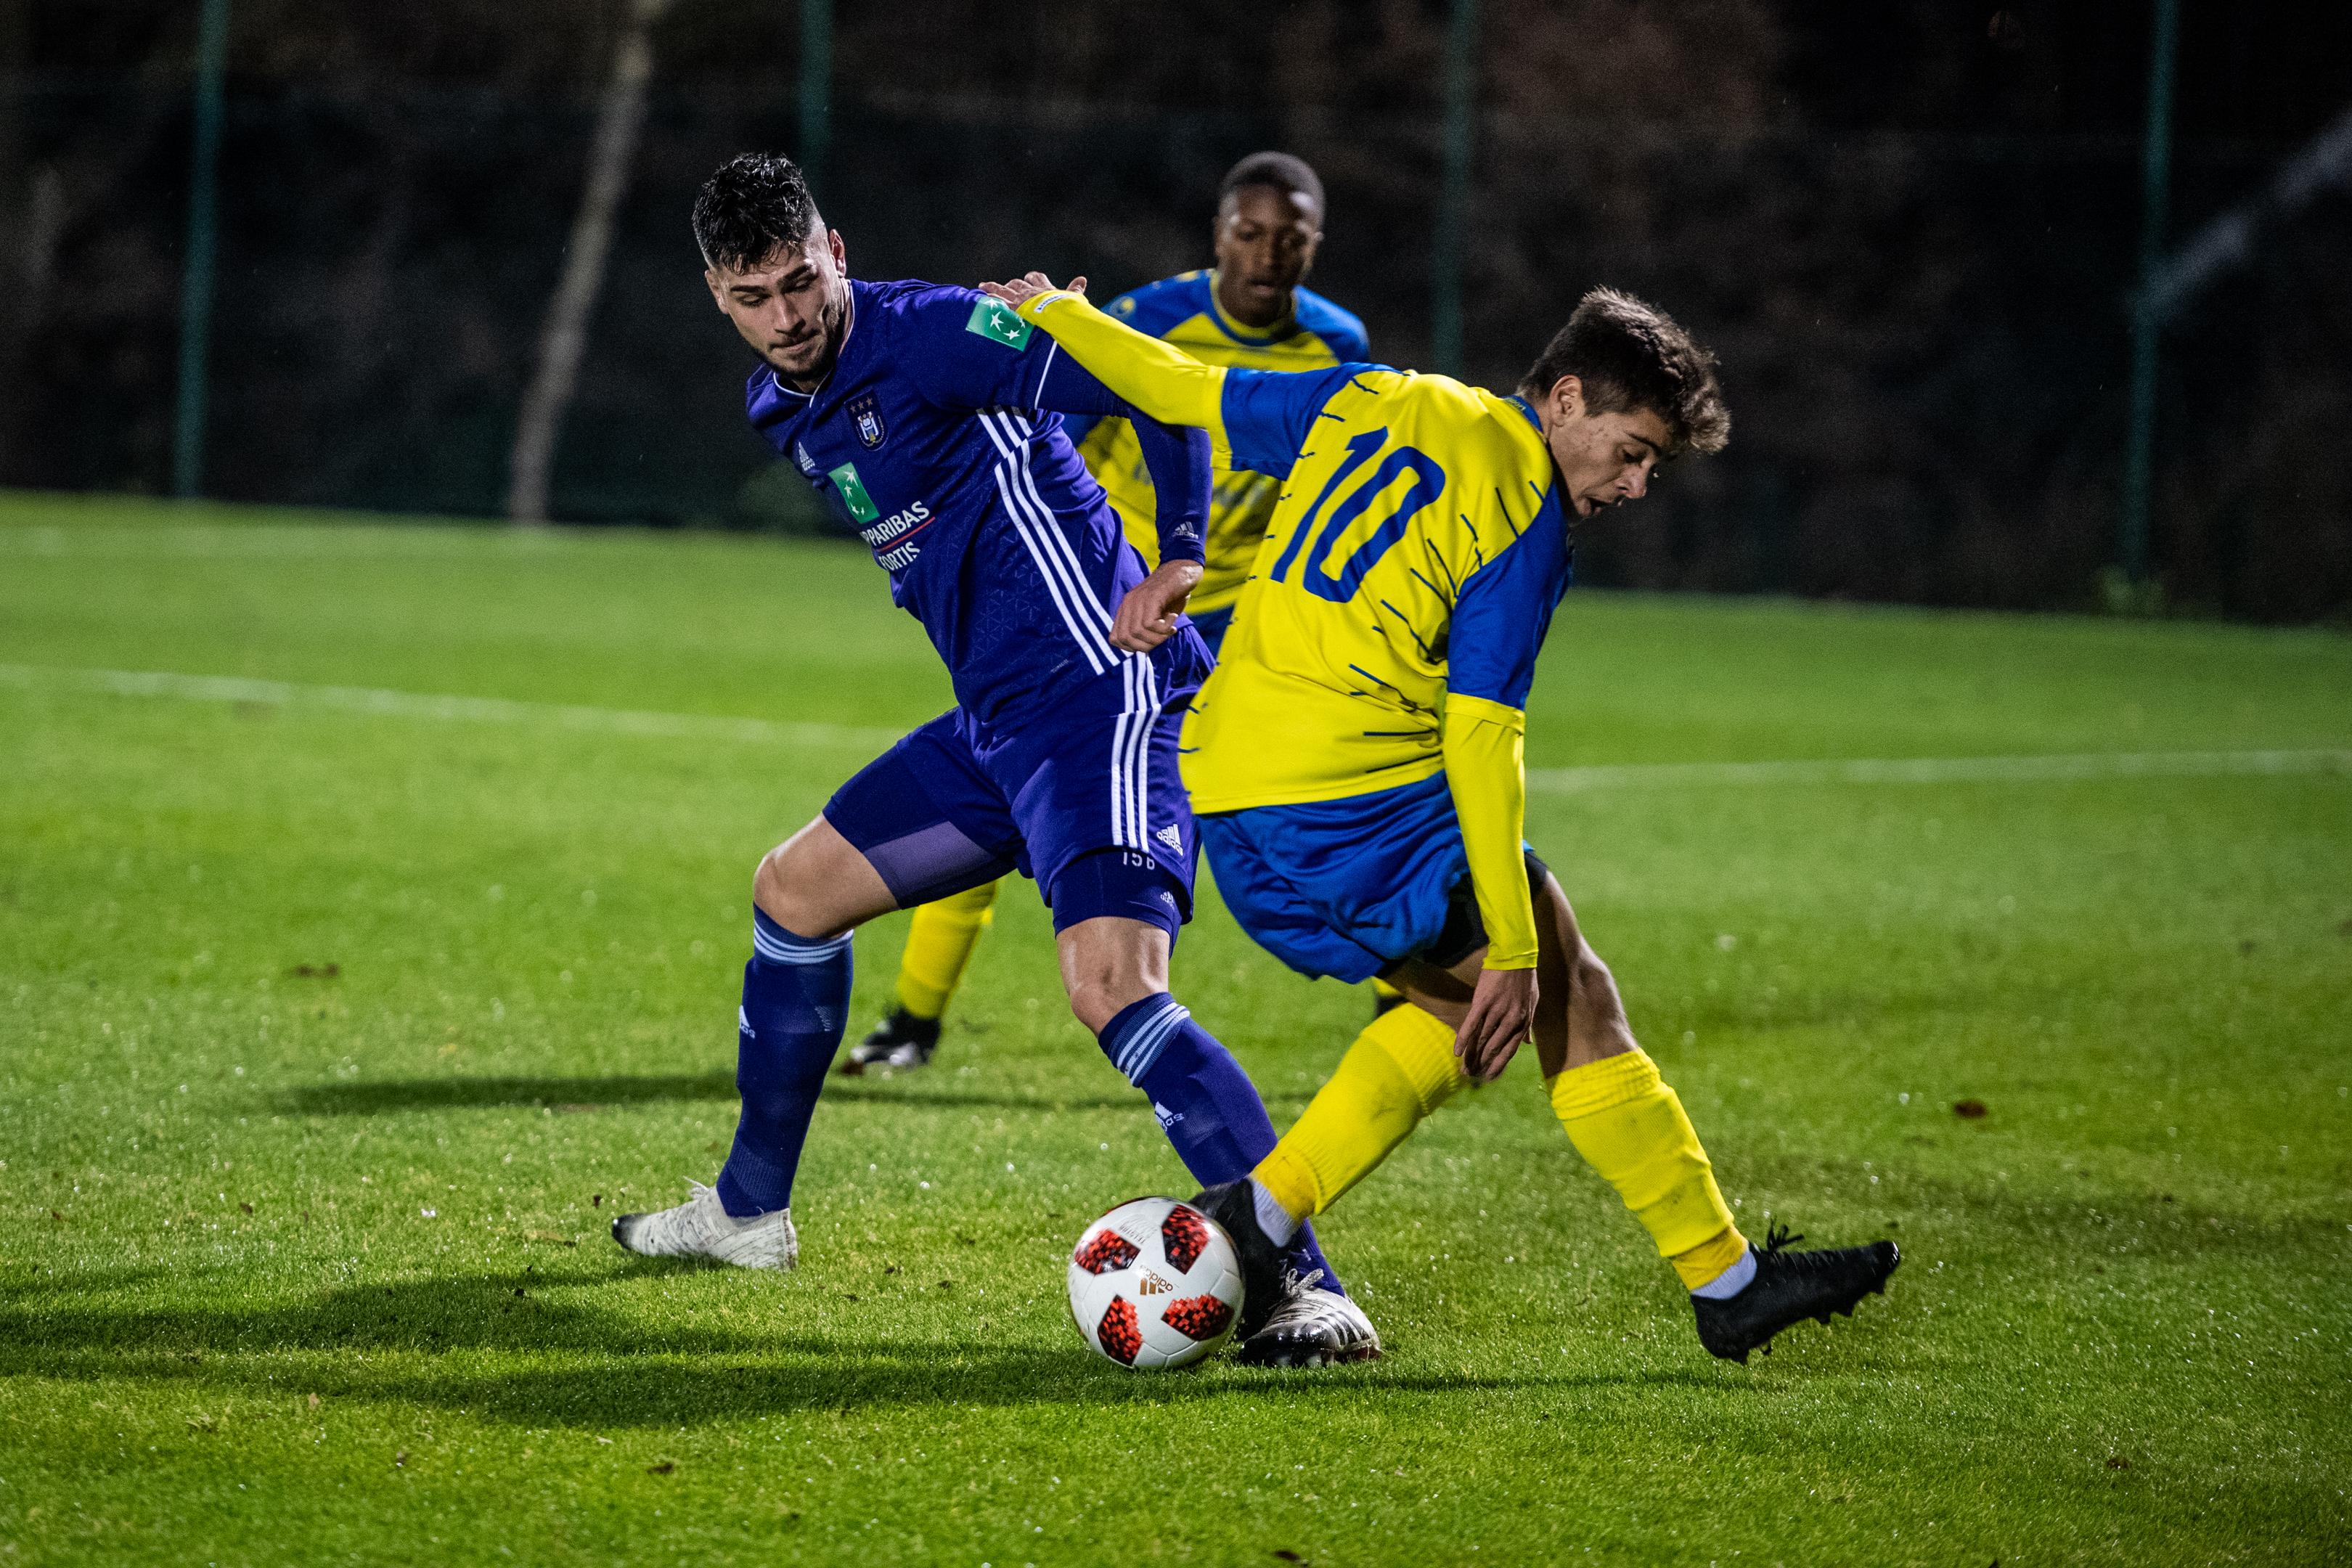 Ass.HLN : *Anderlecht Player Elias Cobbaut Back*